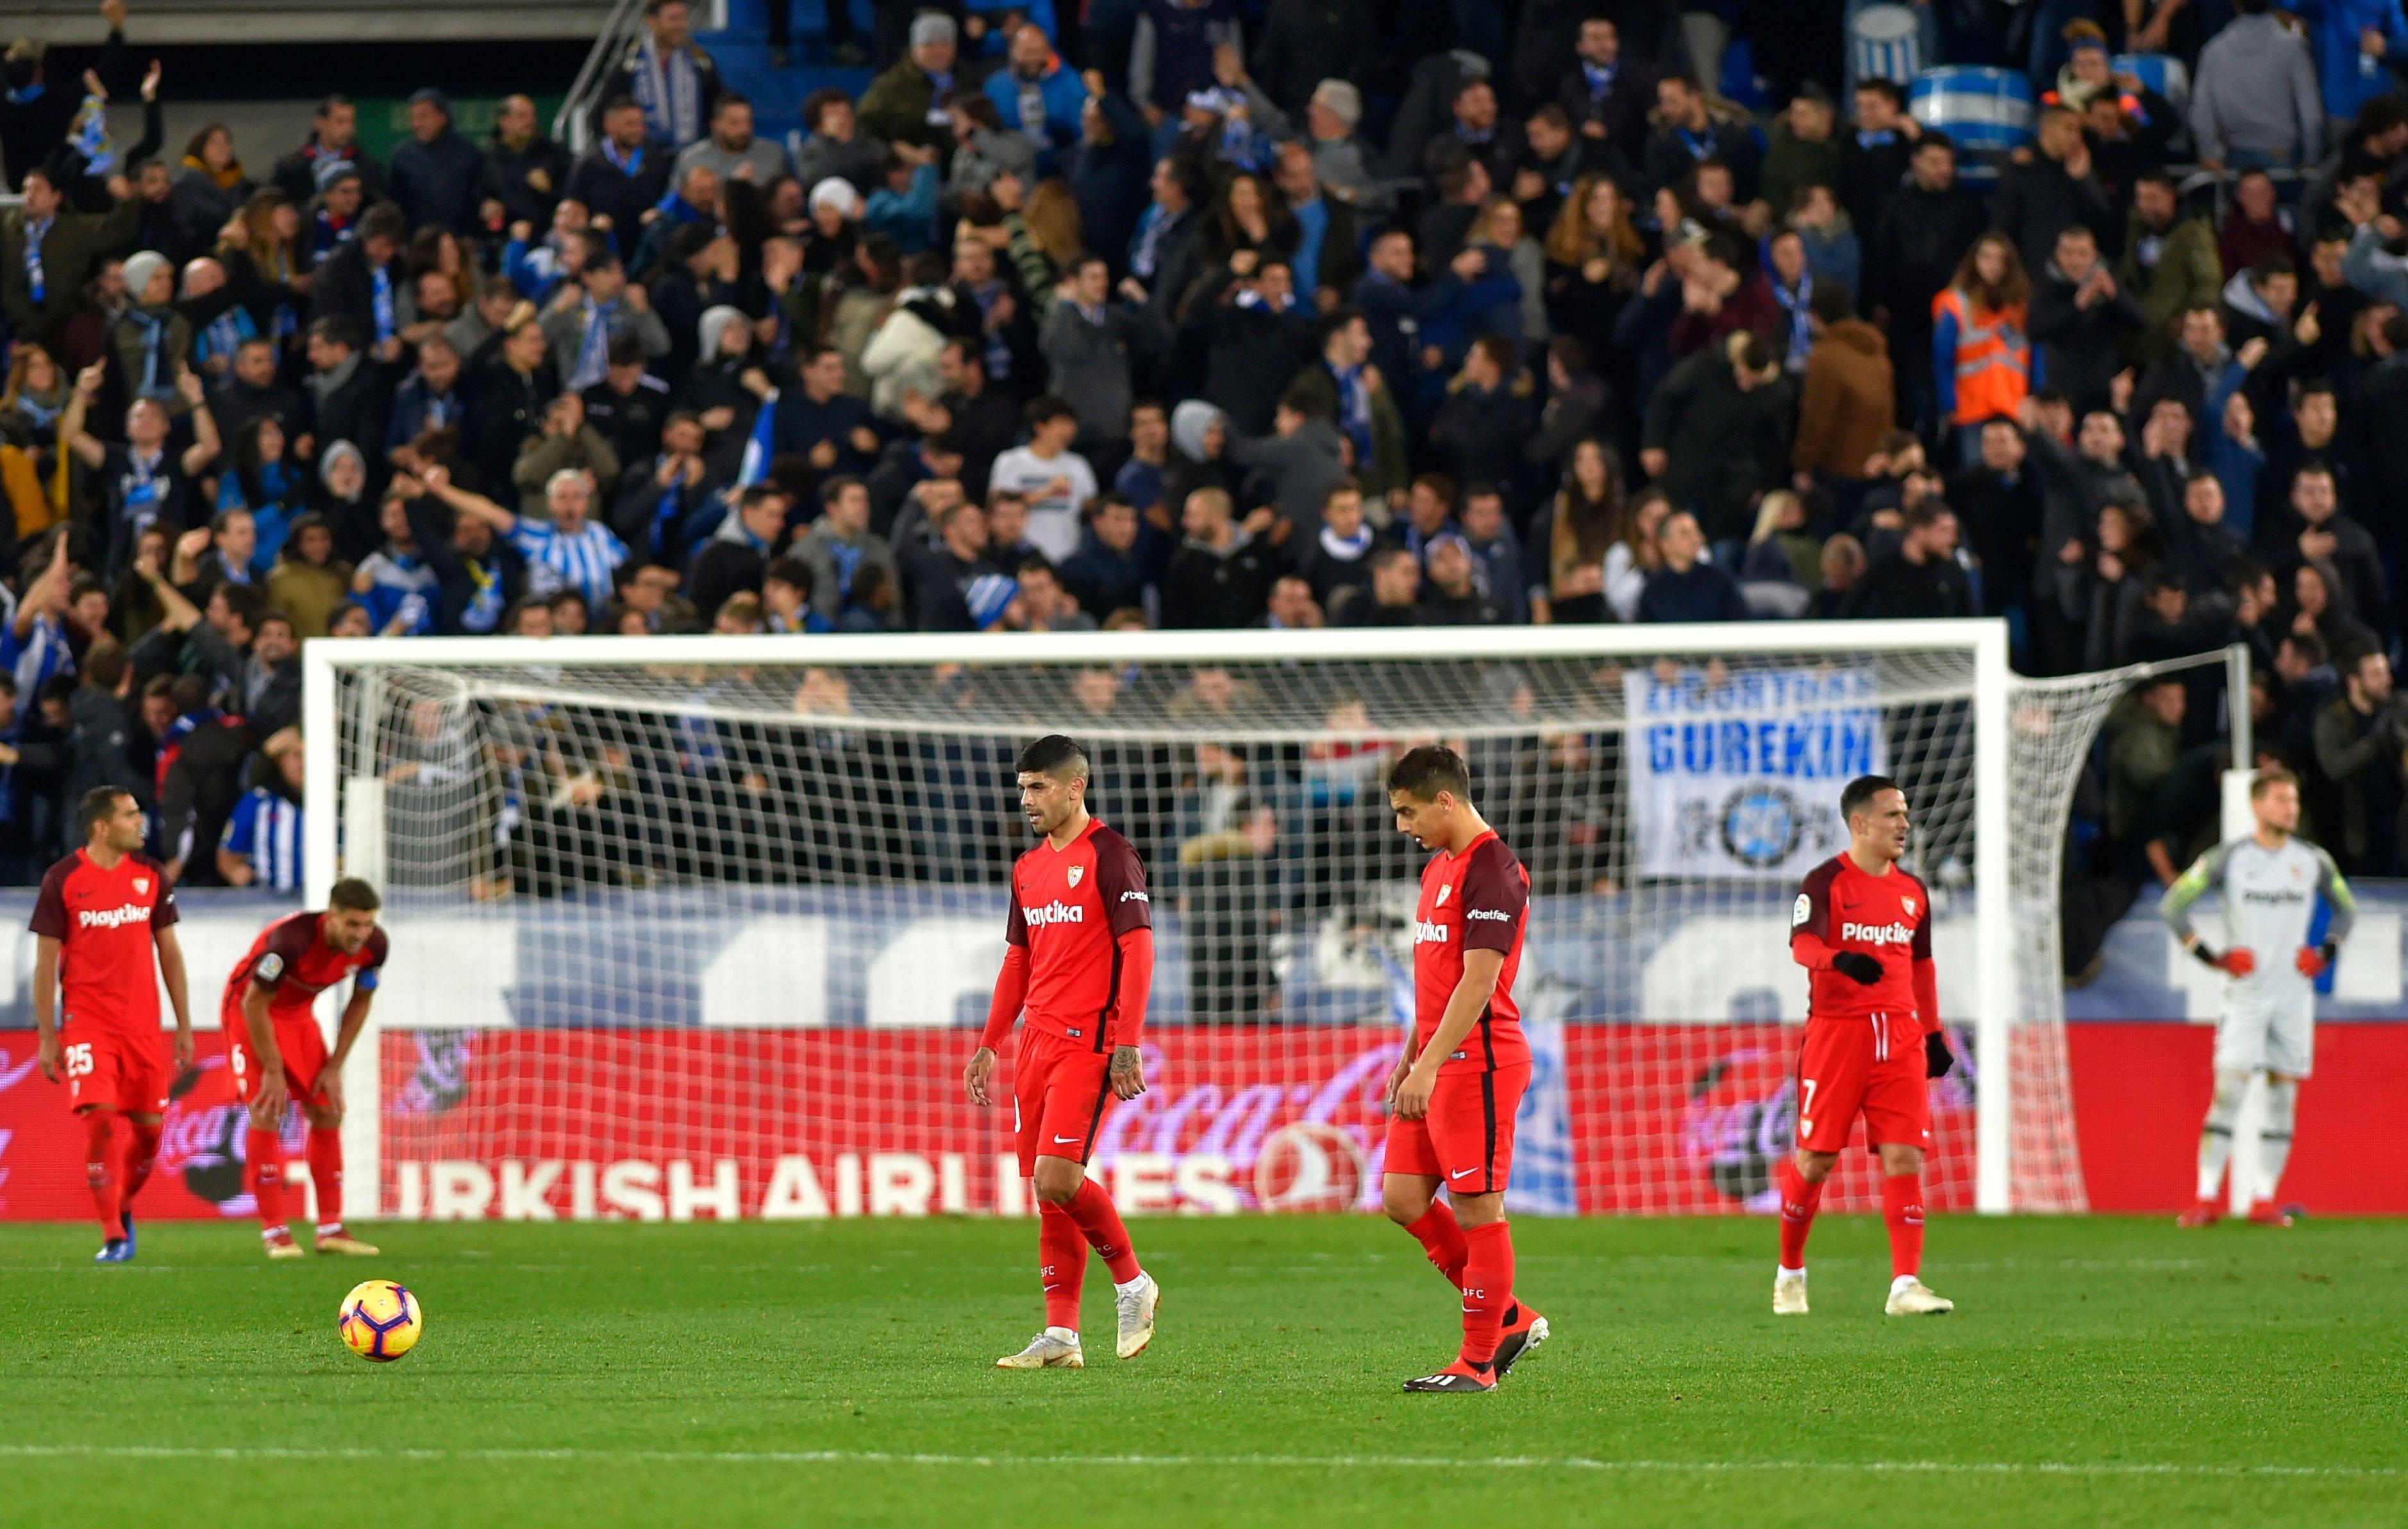 El así jugaron los futbolistas del Sevilla de MuchoDeporte